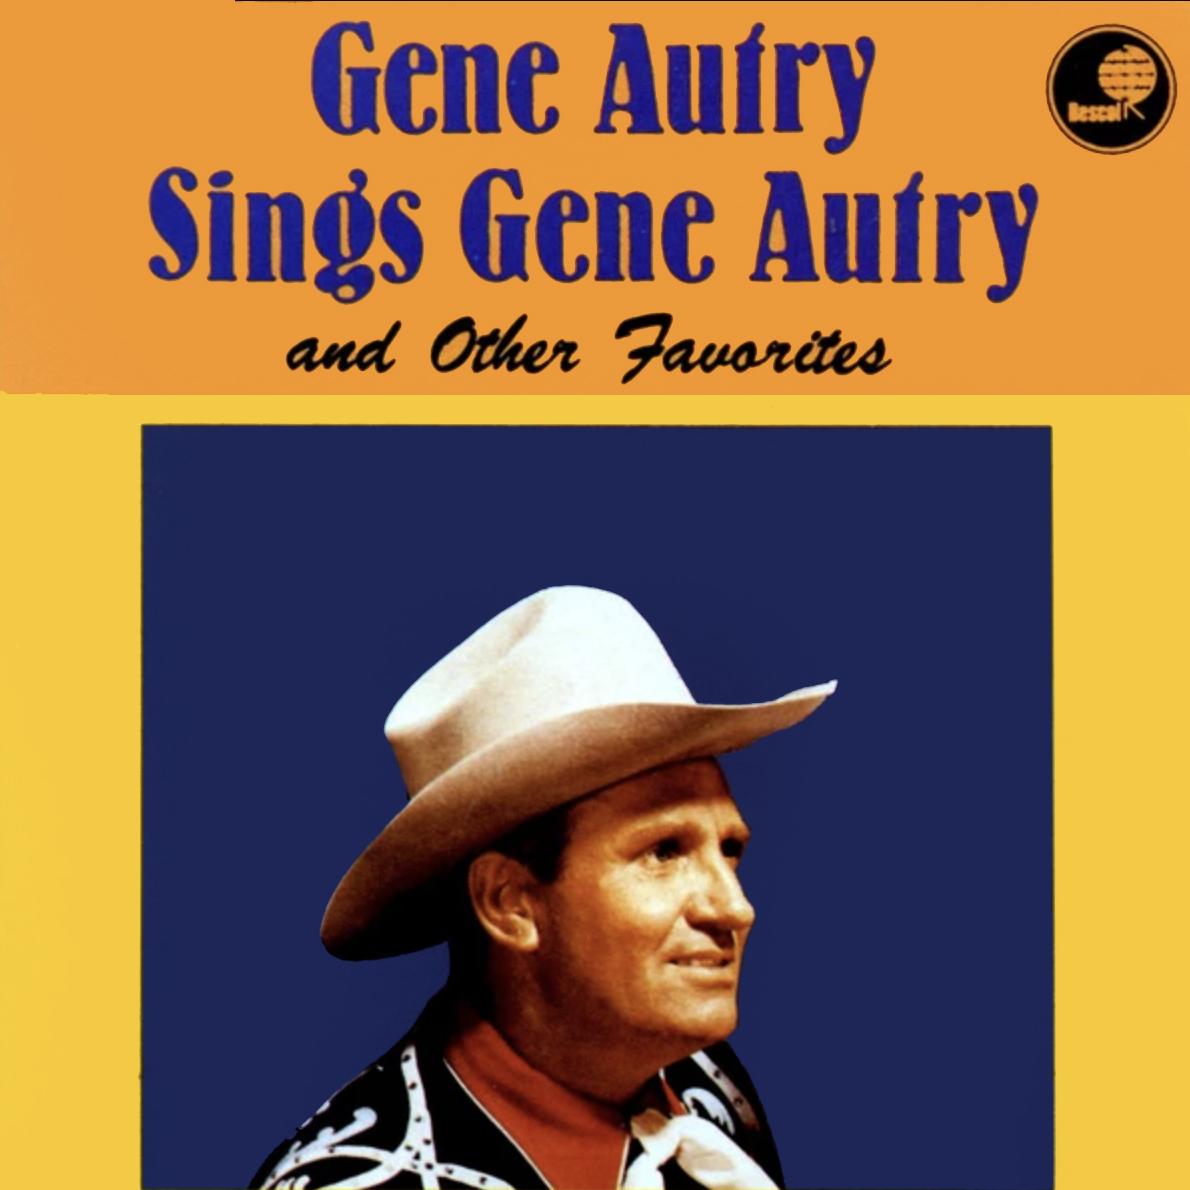 Gene Autry Sings Gene Autry